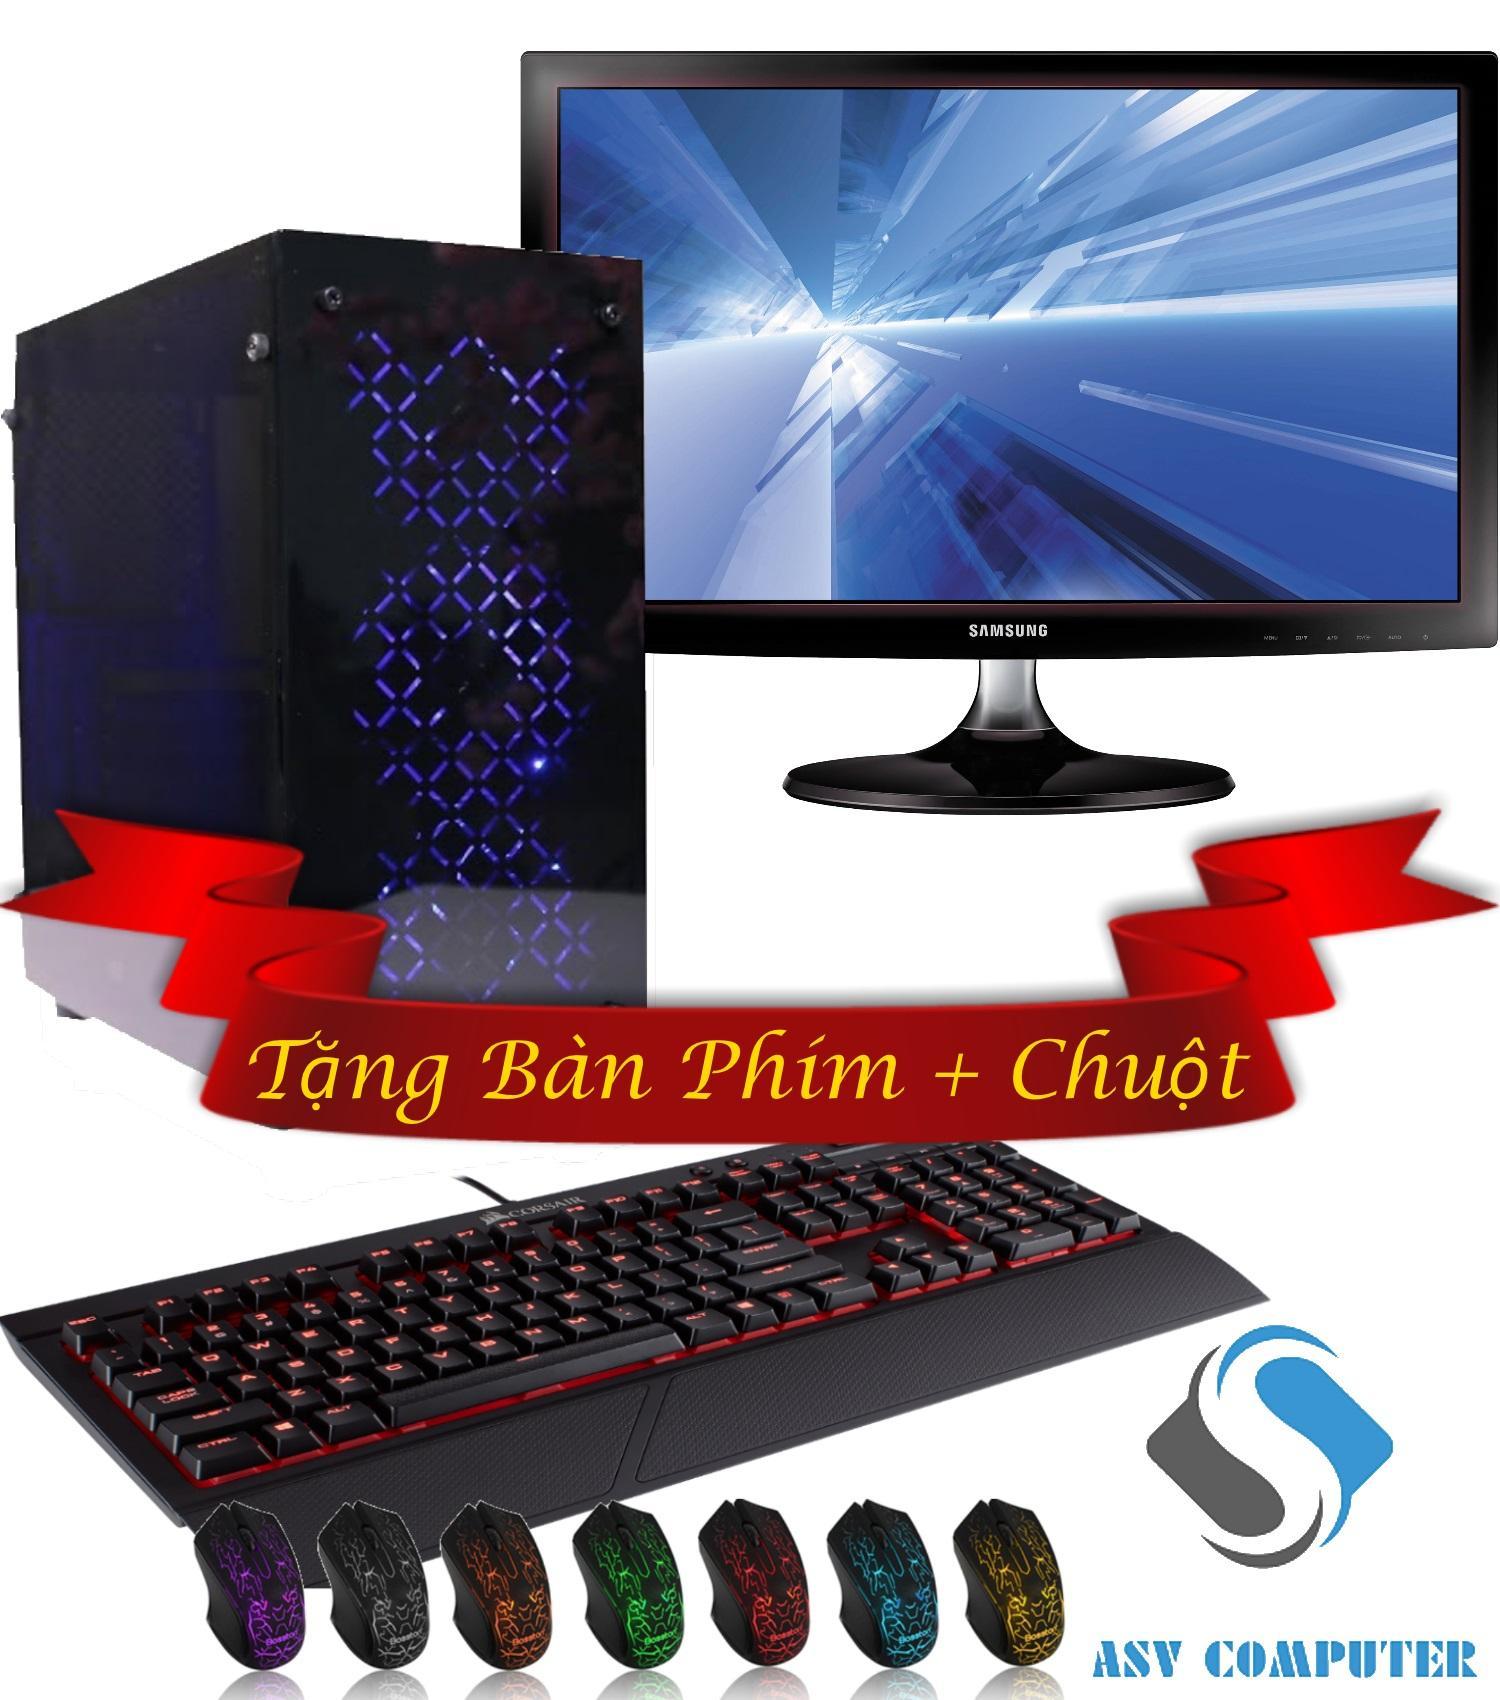 Máy tính bộ: G2030/ Ram 4G/ Vga GTX 750 2G, Màn hình Samsung 20inch